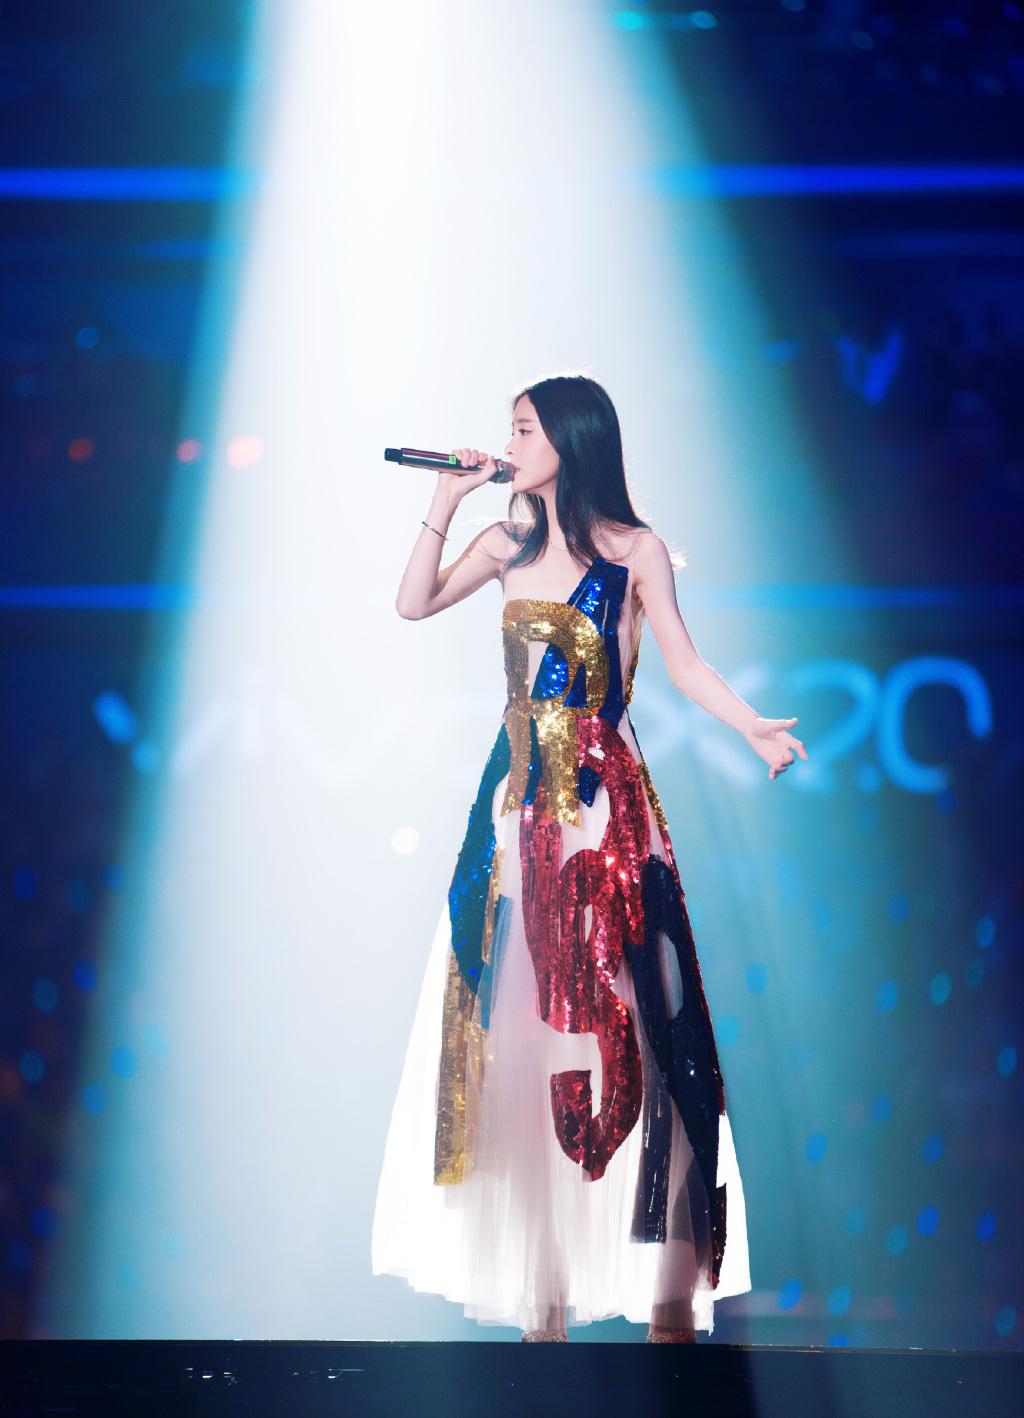 刘宁宇江苏卫视_江苏卫视2019跨年演唱会:赵丽颖林志玲吴亦凡魅力演出